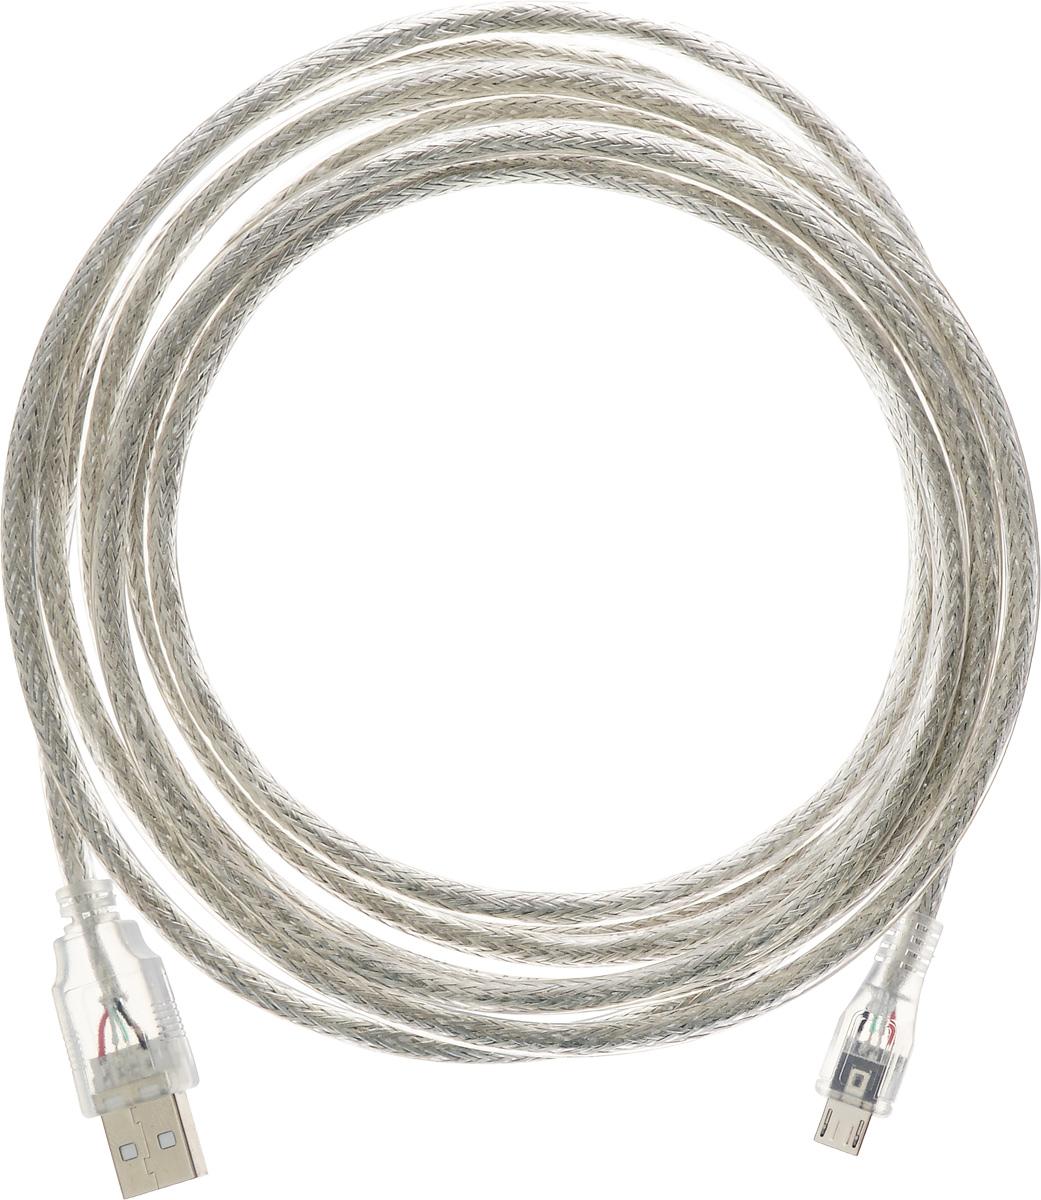 Greenconnect Premium GCR-UA2MCB2-BD2S, Clear кабель microUSB-USB 3 мGCR-UA2MCB2-BD2S-3.0mКабель Greenconnect Premium GCR-UA2MCB2-BD2S позволяет подключать мобильные устройства, которые имеют разъем microUSB к USB разъему компьютера. Подходит для повседневных задач, таких как синхронизация данных и передача файлов. Кабель имеет экранирование, что позволяет защитить сигнал при передаче от влияния внешних полей, способных создать помехи. Пропускная способность интерфейса: до 480 Мбит/с Тип оболочки: PVC (ПВХ)